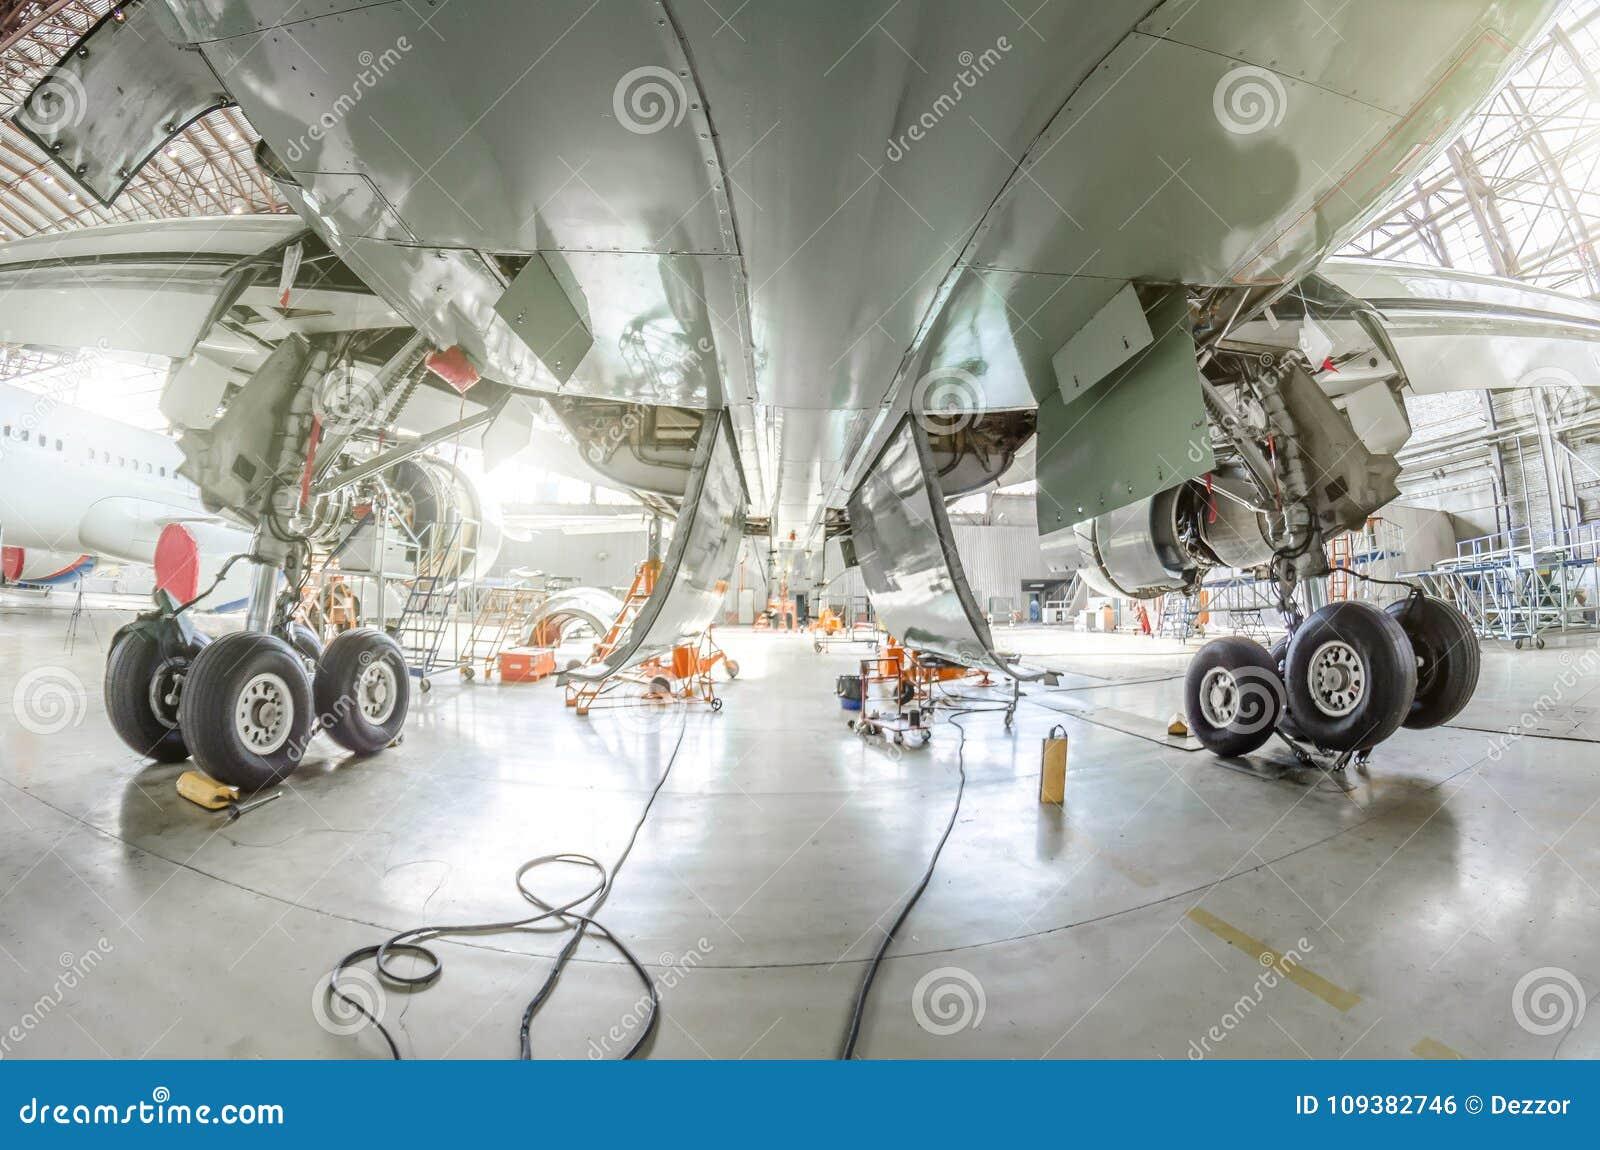 La vue de dessous les avions entre les supports de châssis de roule dedans le hangar